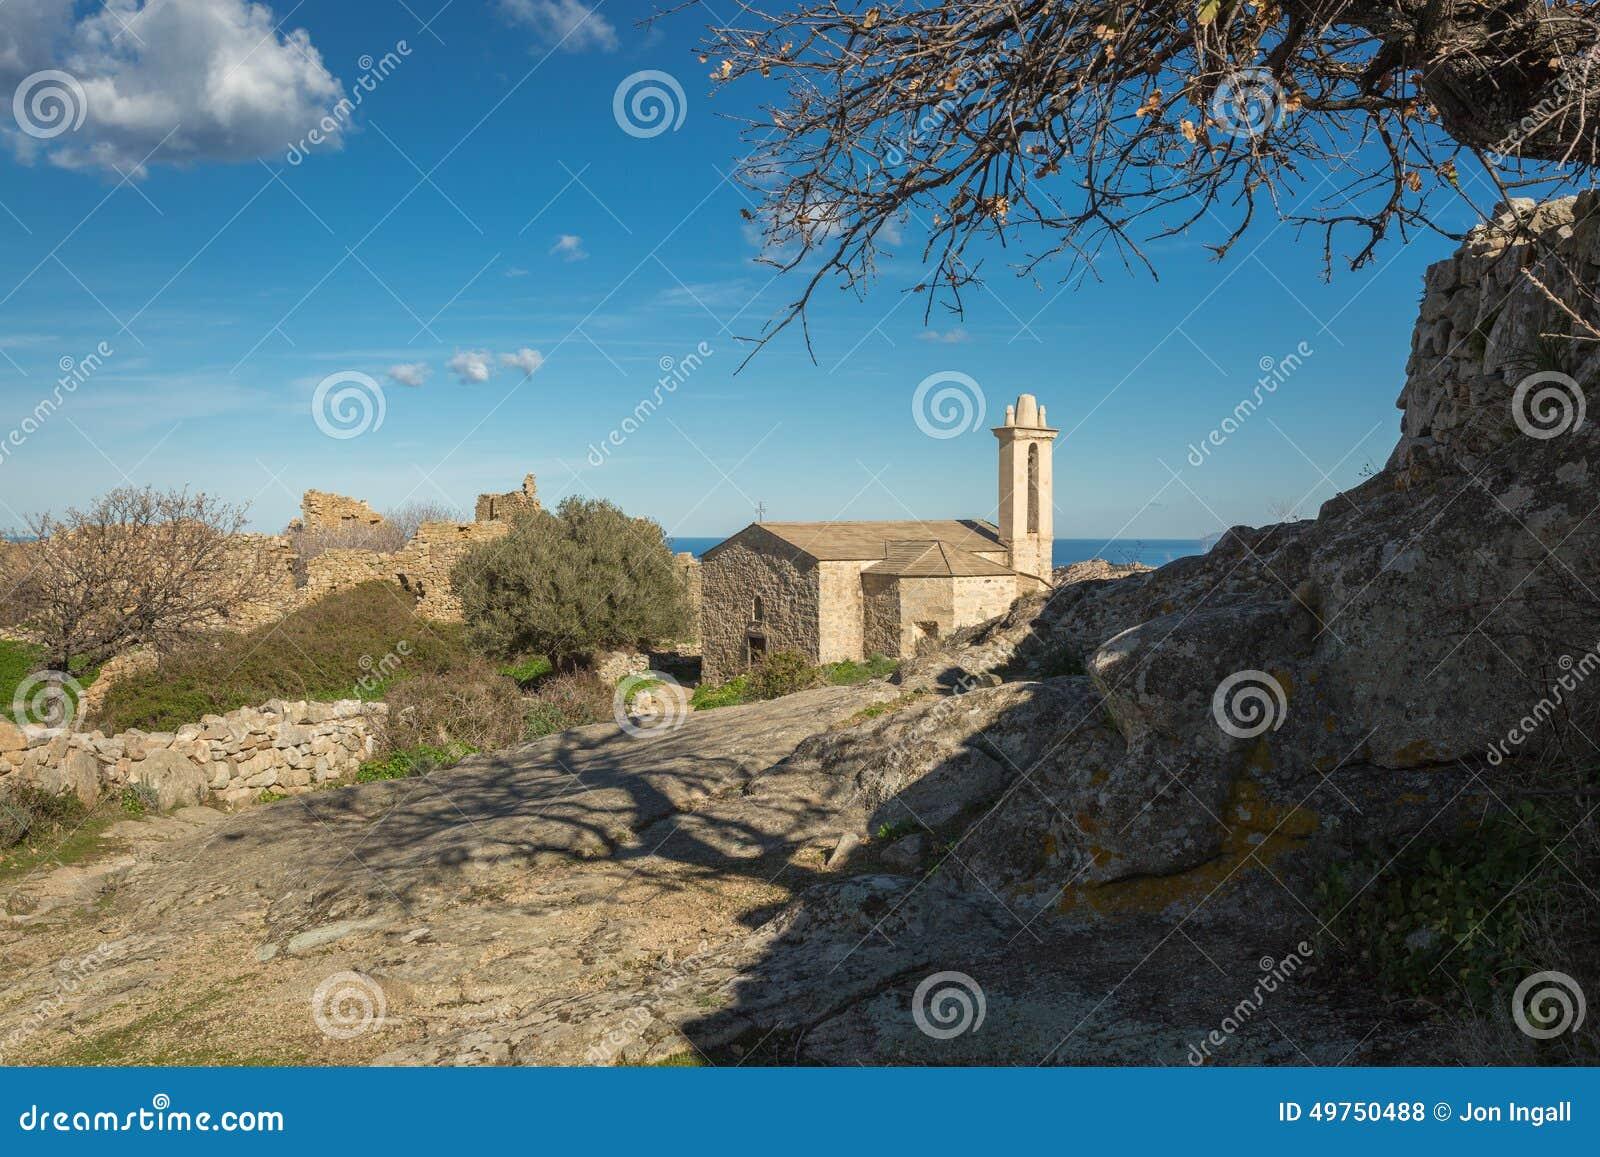 Village abandonn d 39 occi pr s de lumio en corse photo stock image 4975 - Achat village abandonne ...